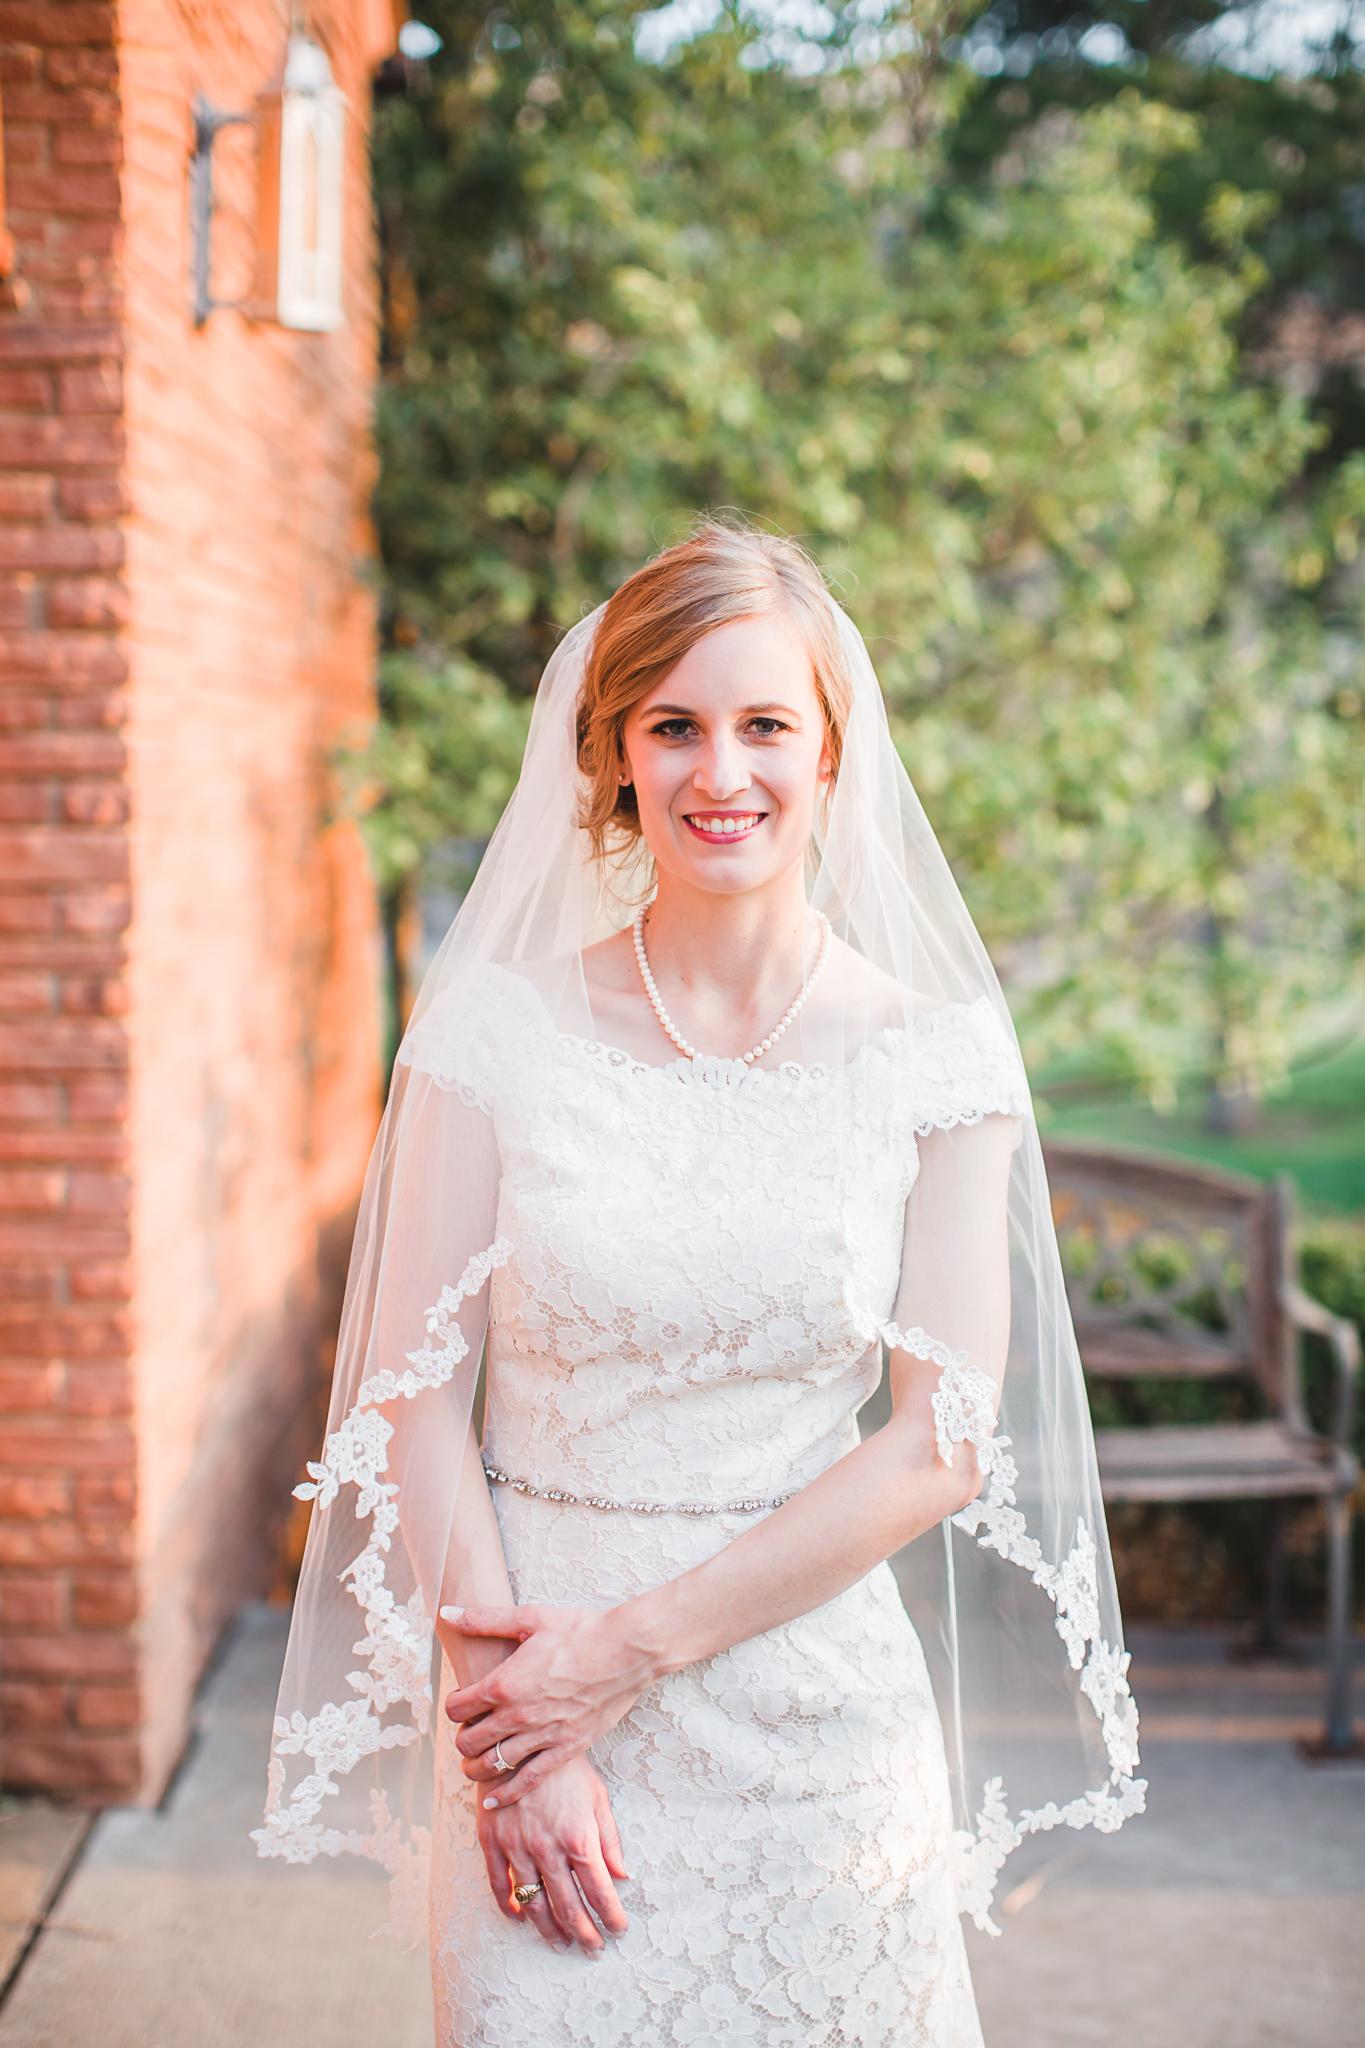 alyssa bridal blog-21.jpg